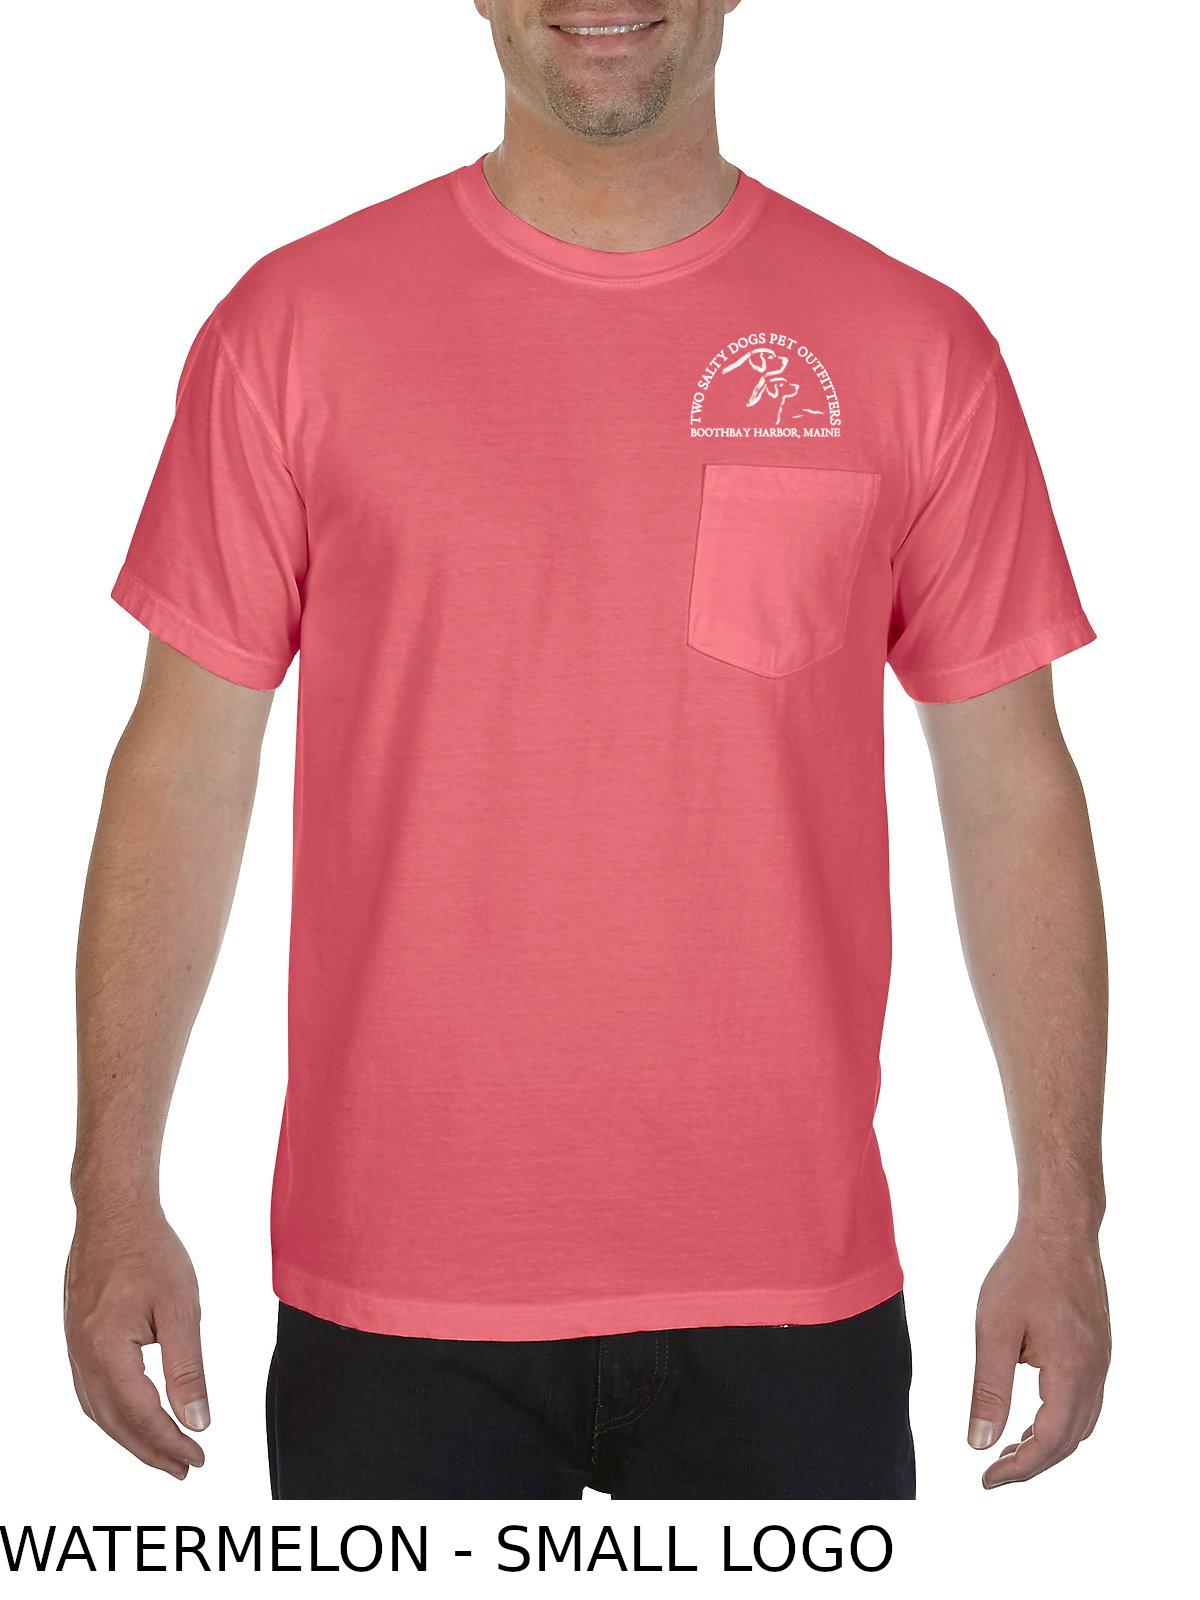 bbha-ss-t-shirt-pocket-watermelon-front-small-logo